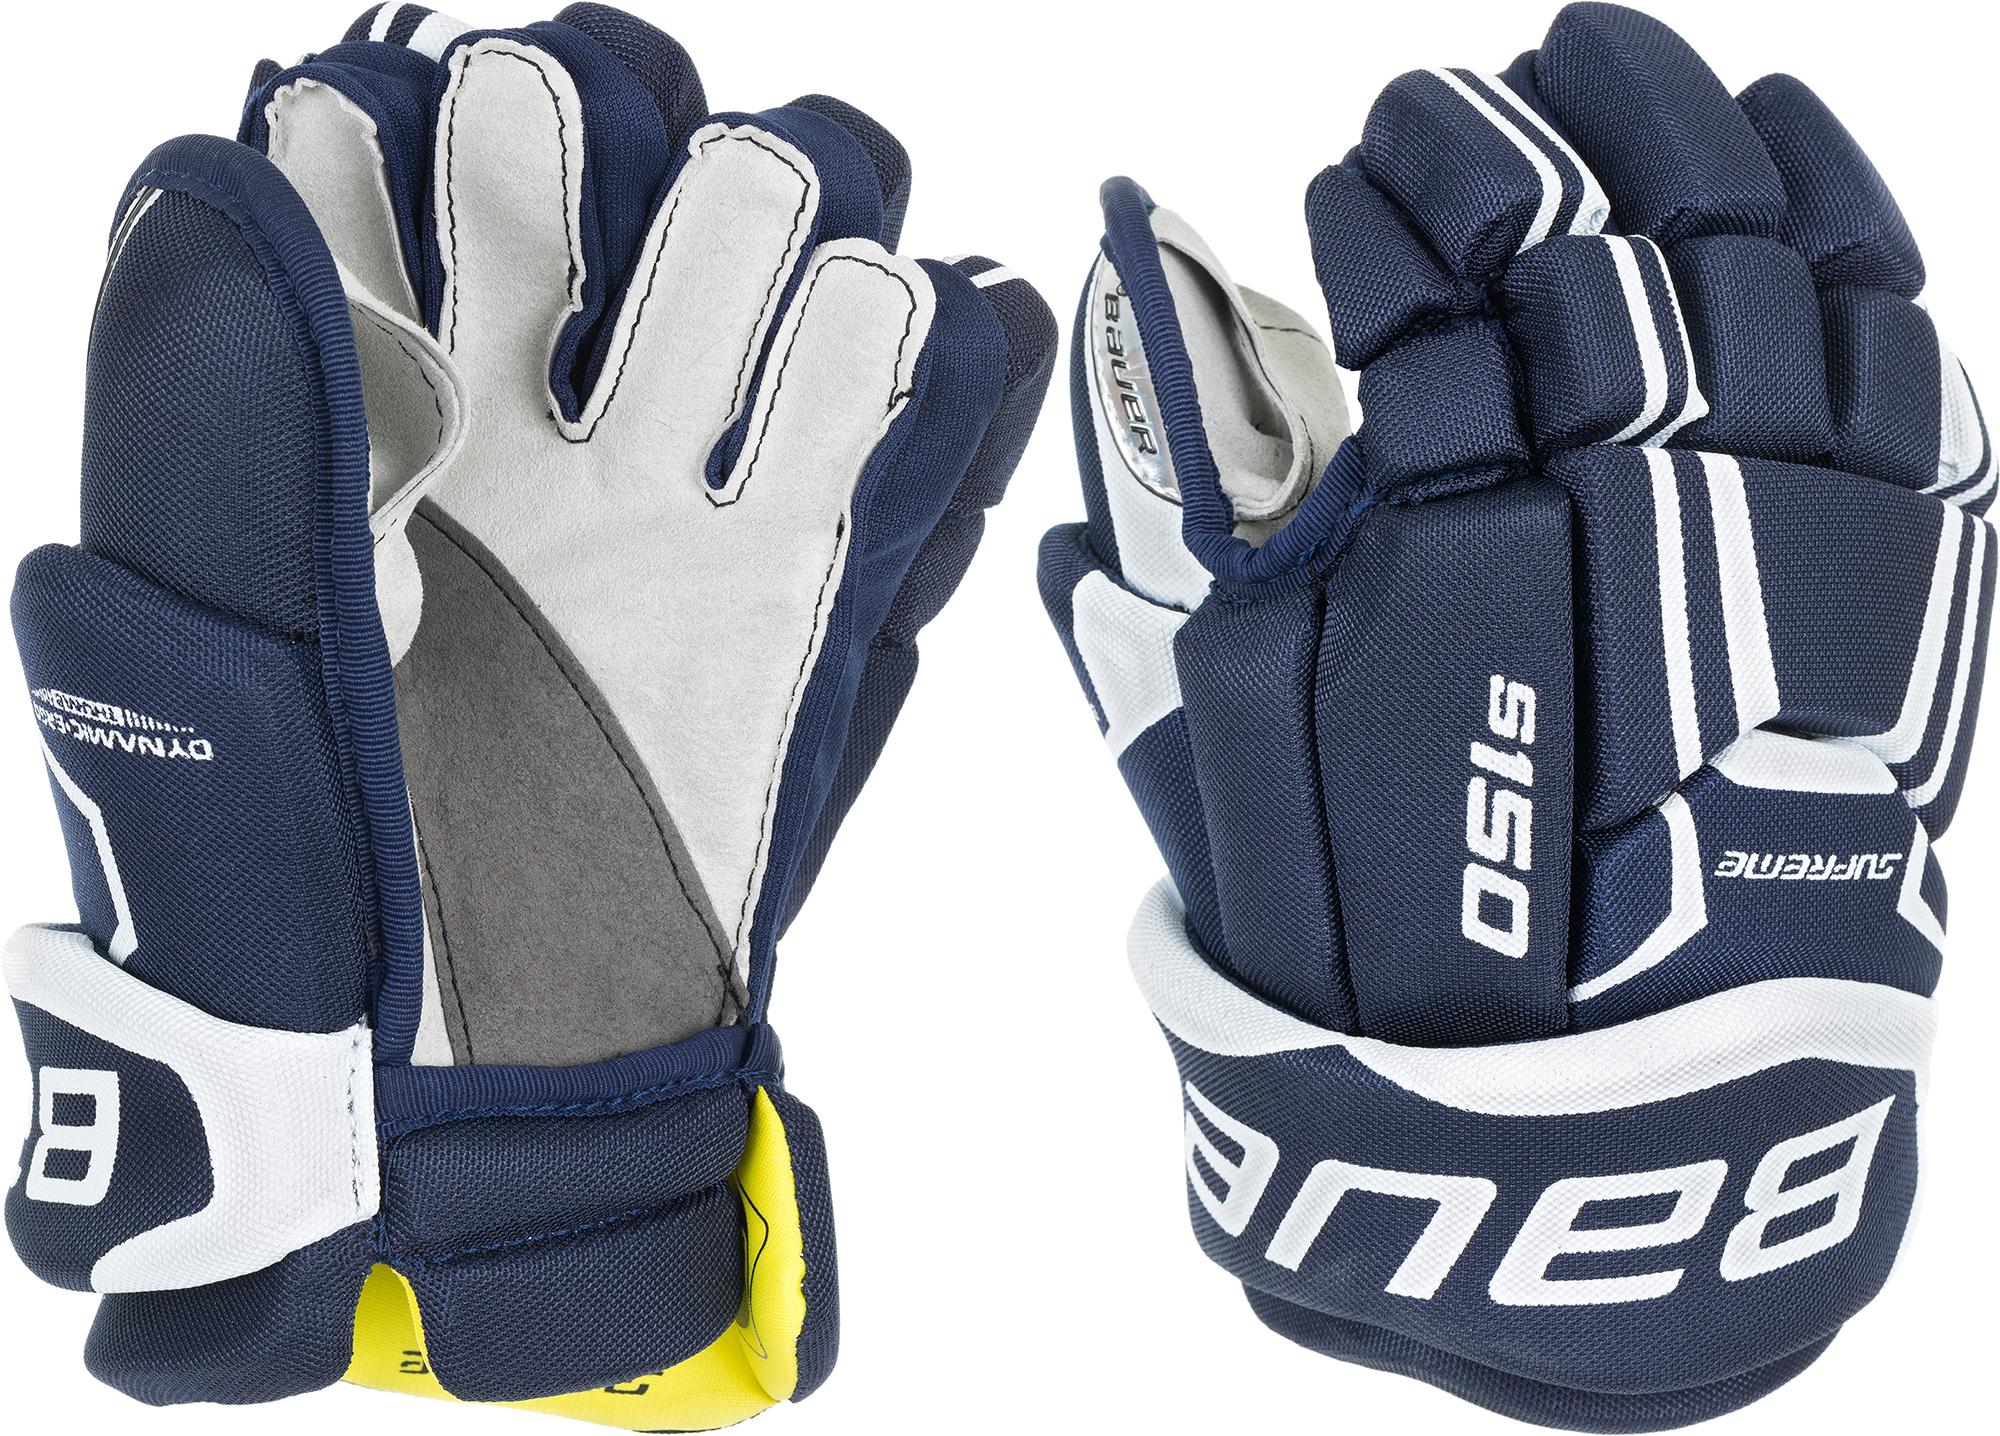 купить  Bauer Перчатки хоккейные детские Bauer S17 Supreme S150  недорого